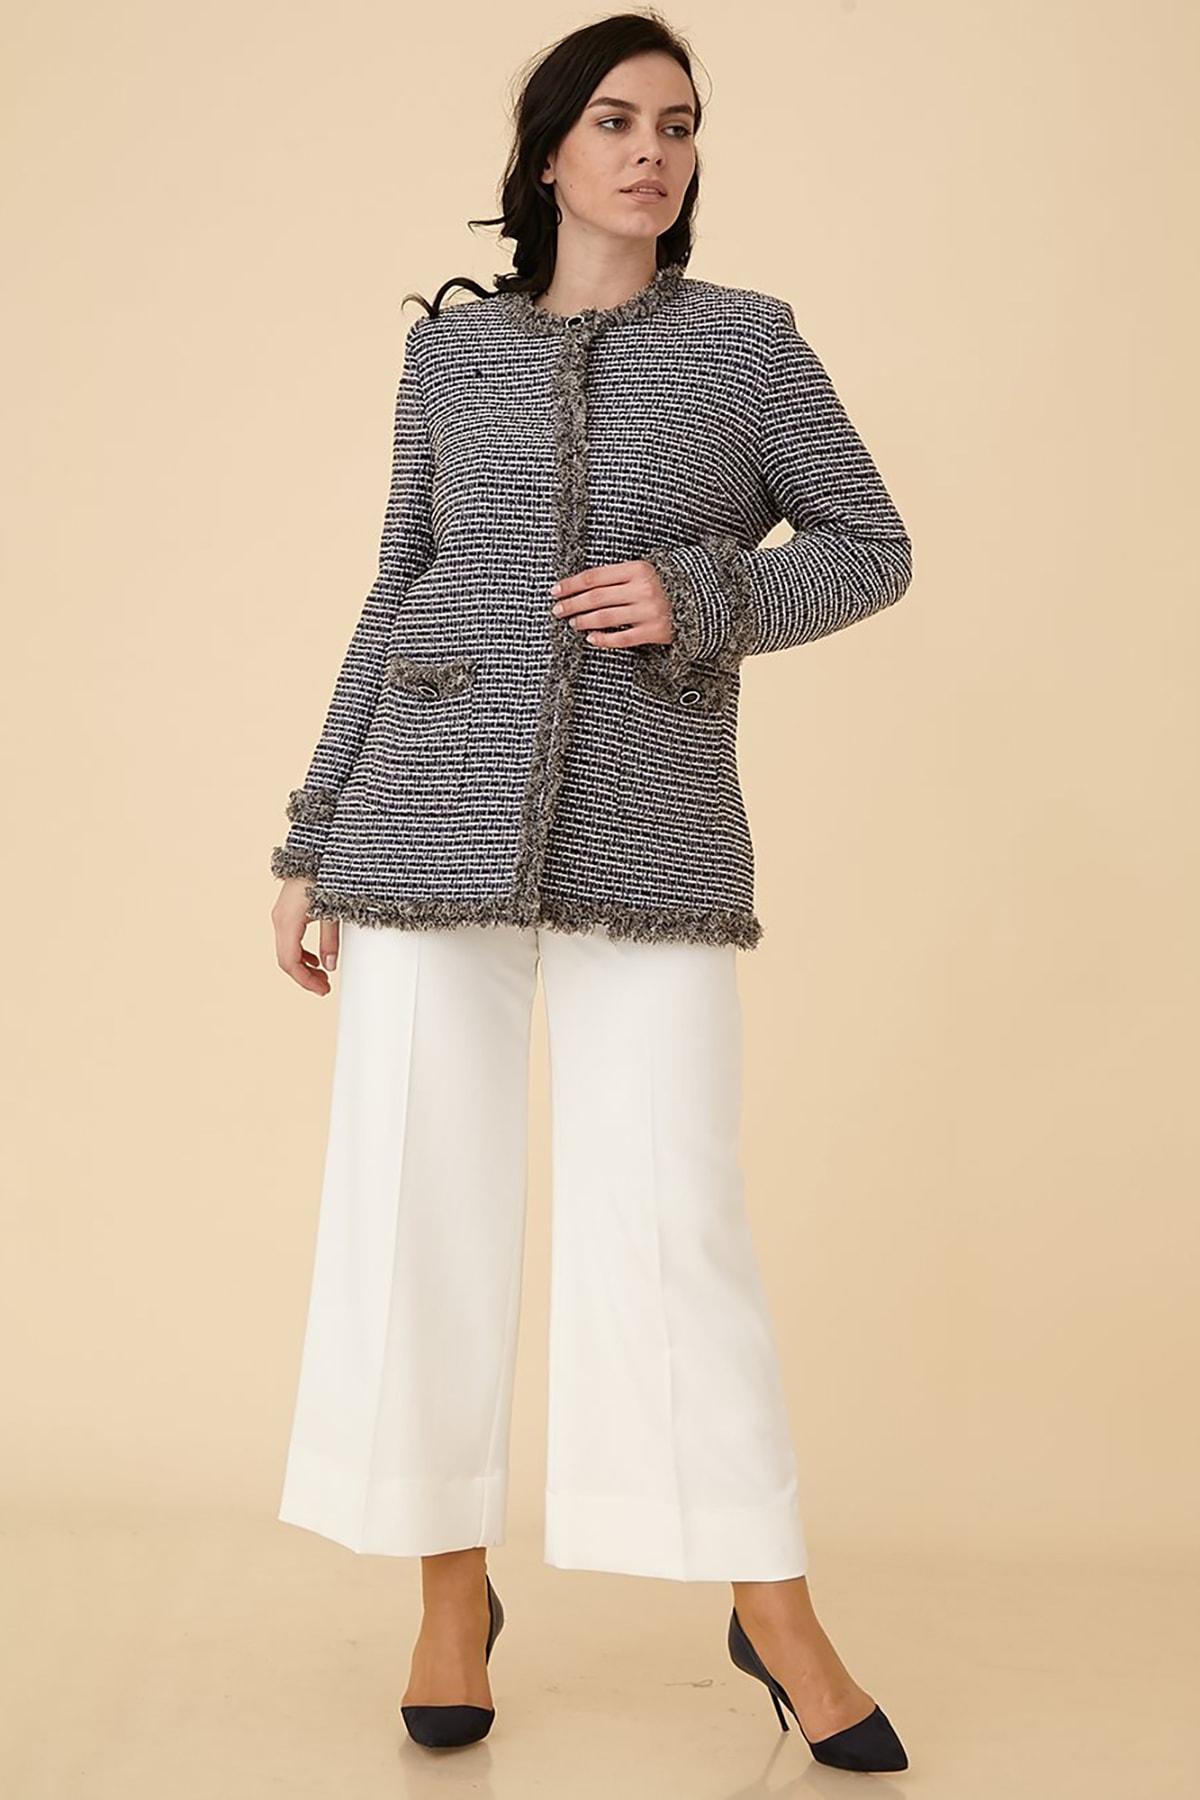 Kayra Kadın Tüvit Kumaş Ceket B9 13068 Mor